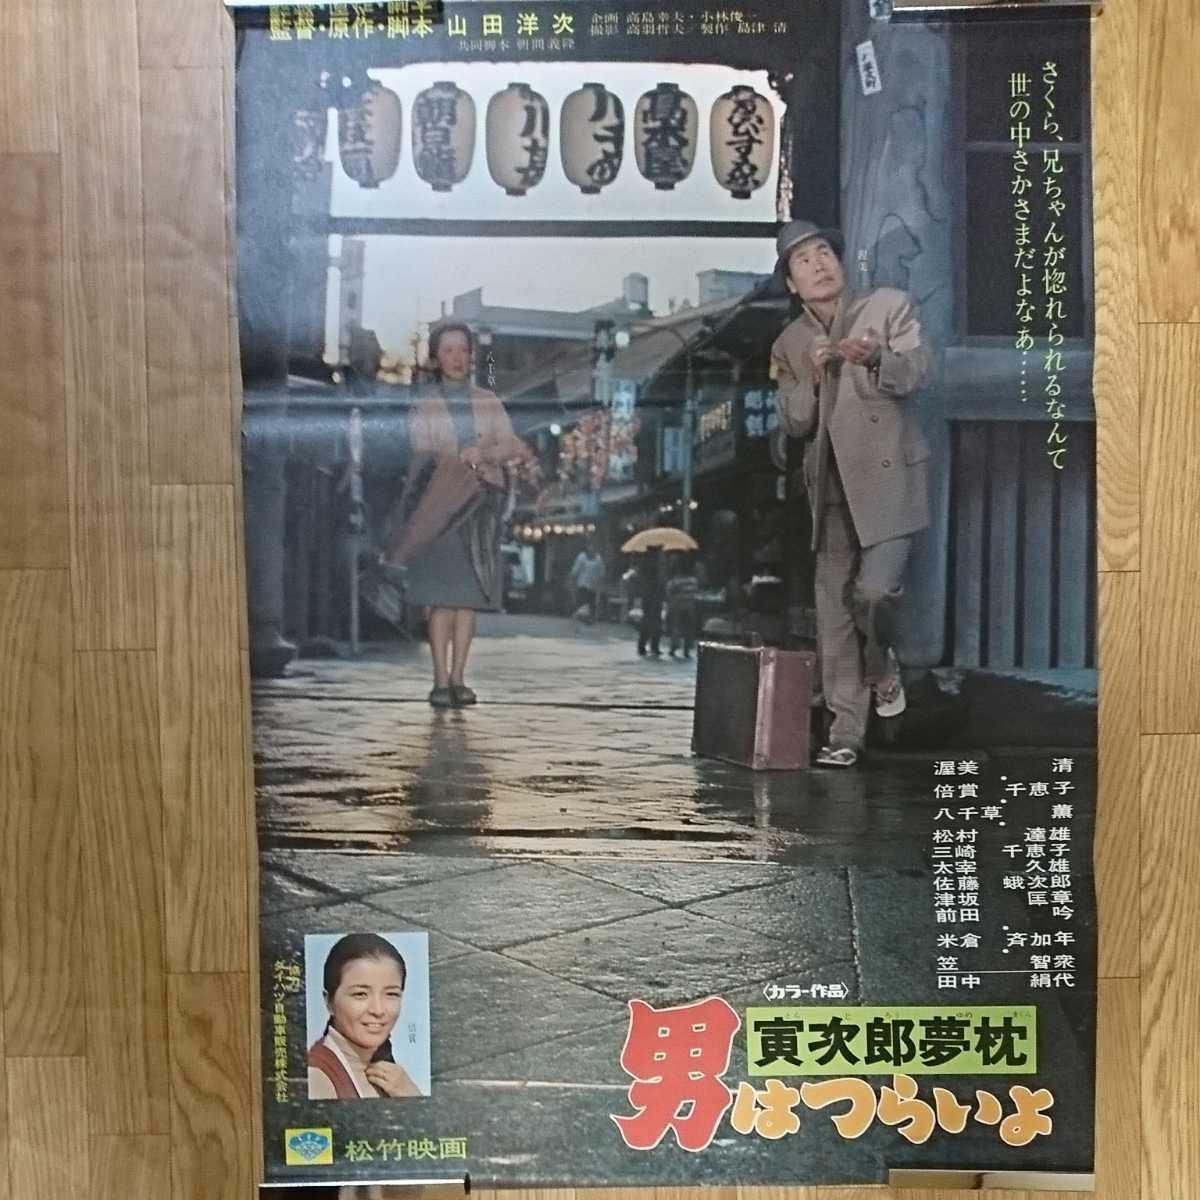 『男はつらいよ寅次郎夢枕』B2ポスター_画像1